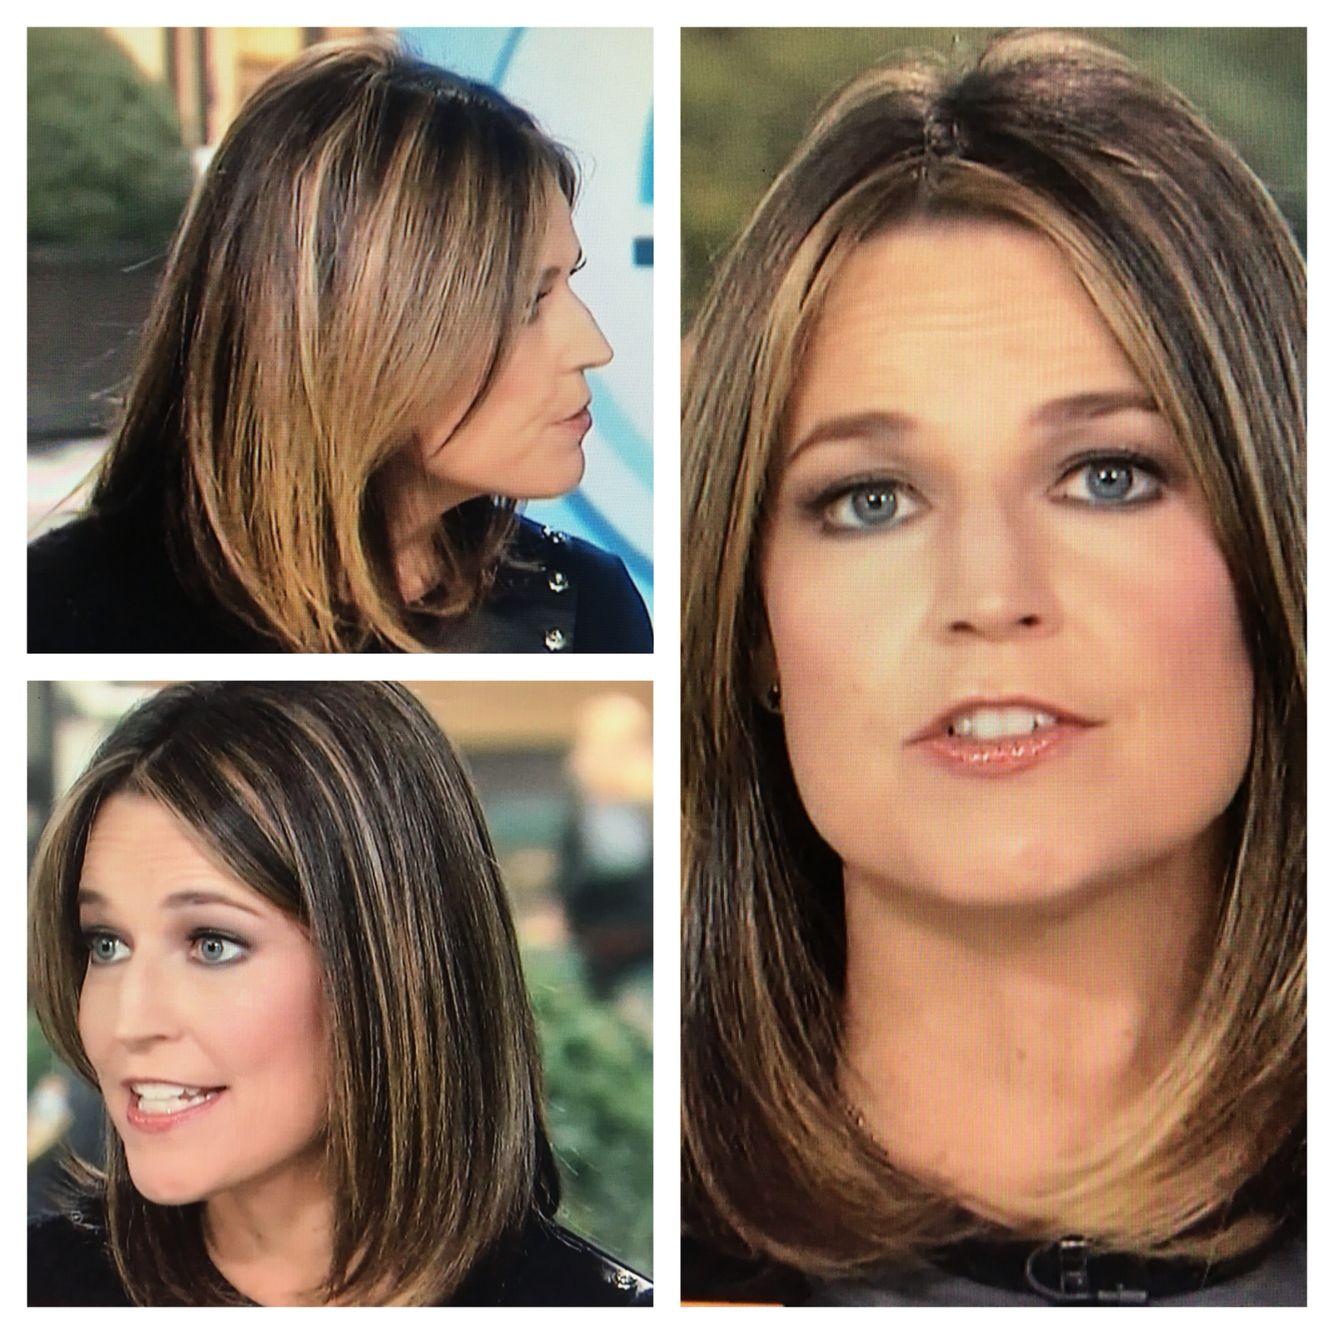 Savannah Guthrie Hair 12/15